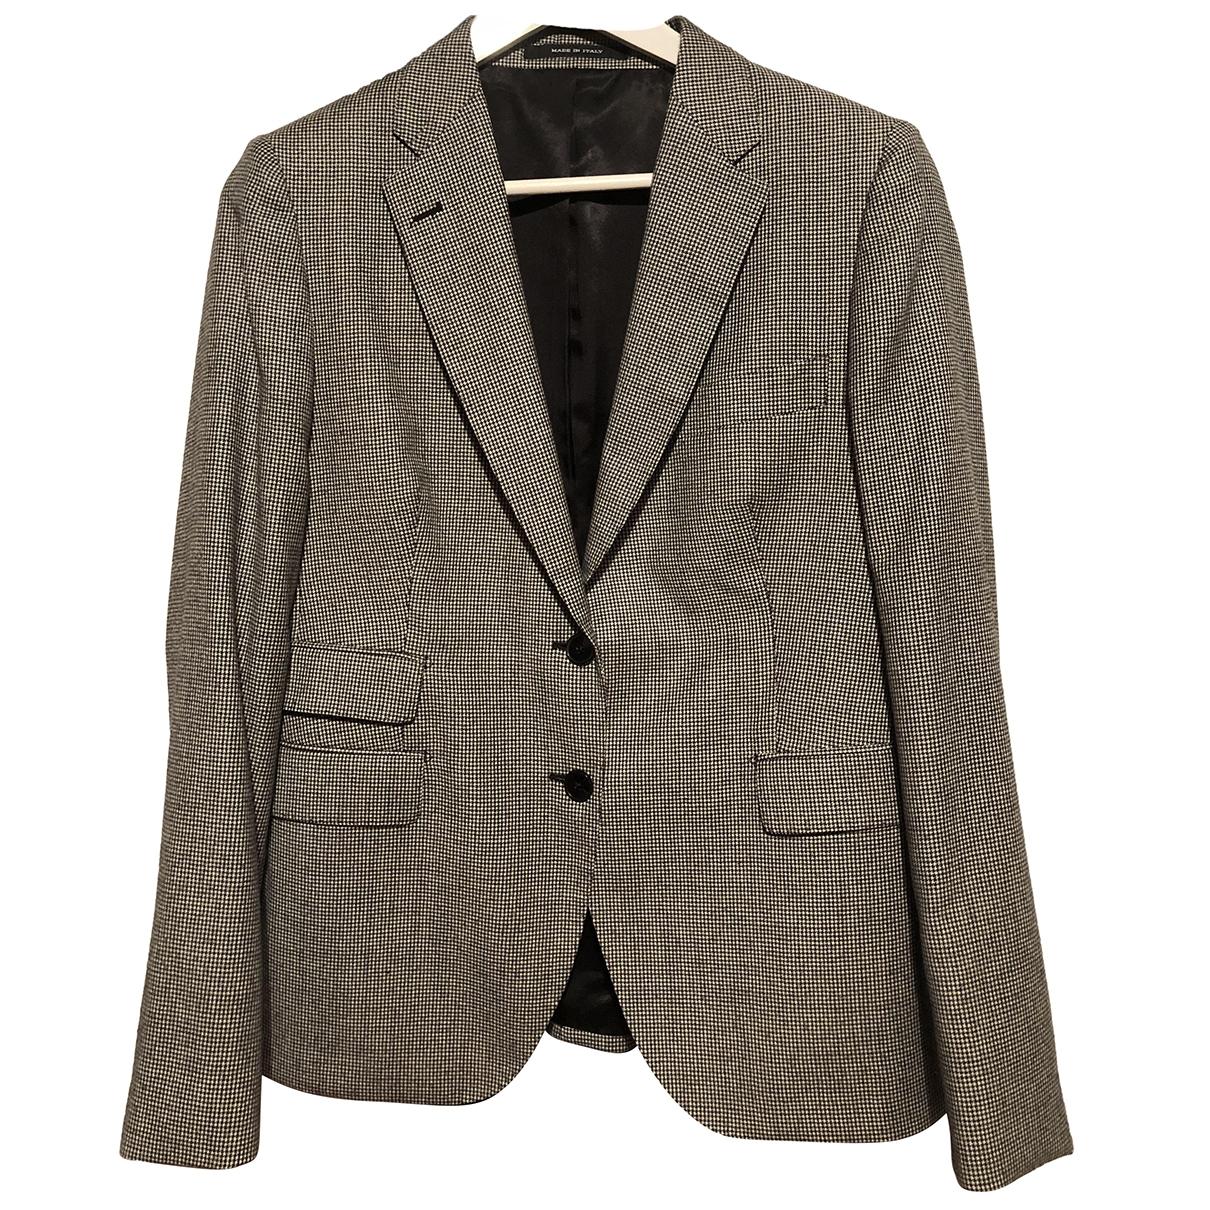 Tagliatore \N Black Wool jacket for Women 48 IT